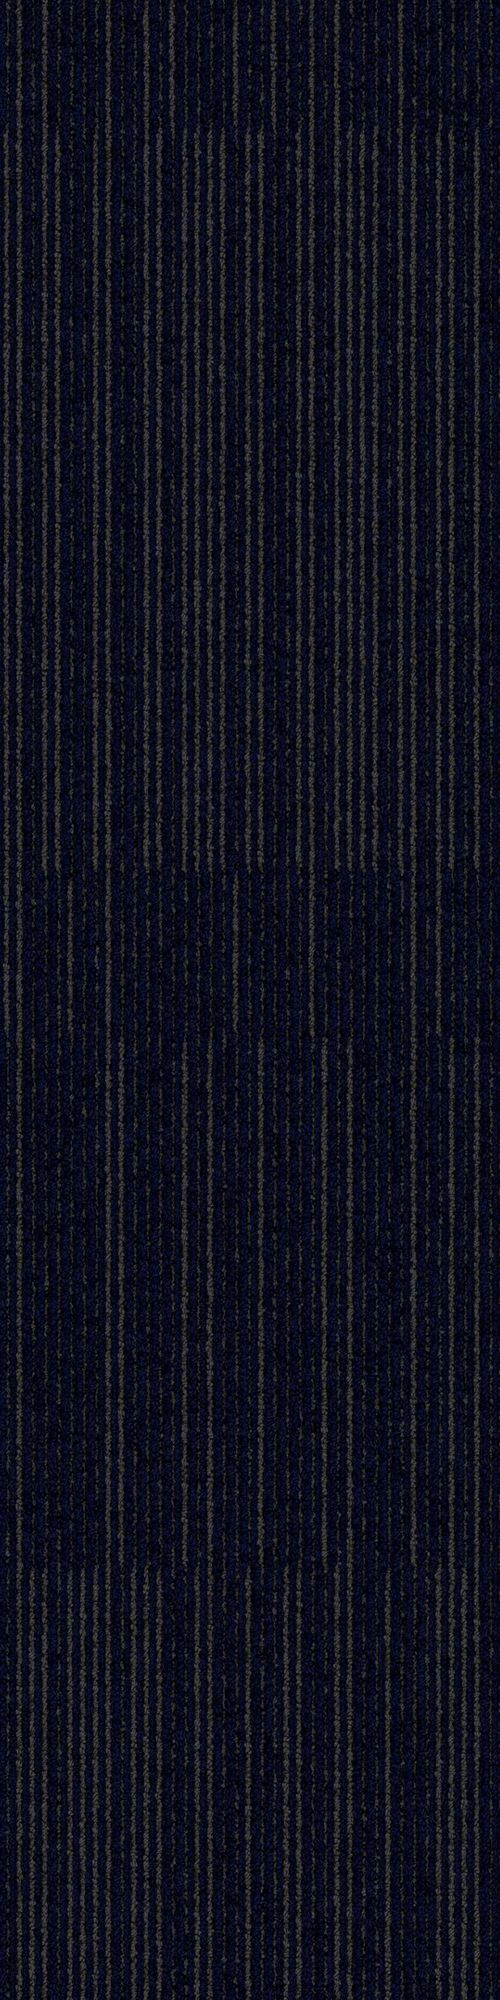 Interface carpet tile: On Line Color name: Indigo Variant 4